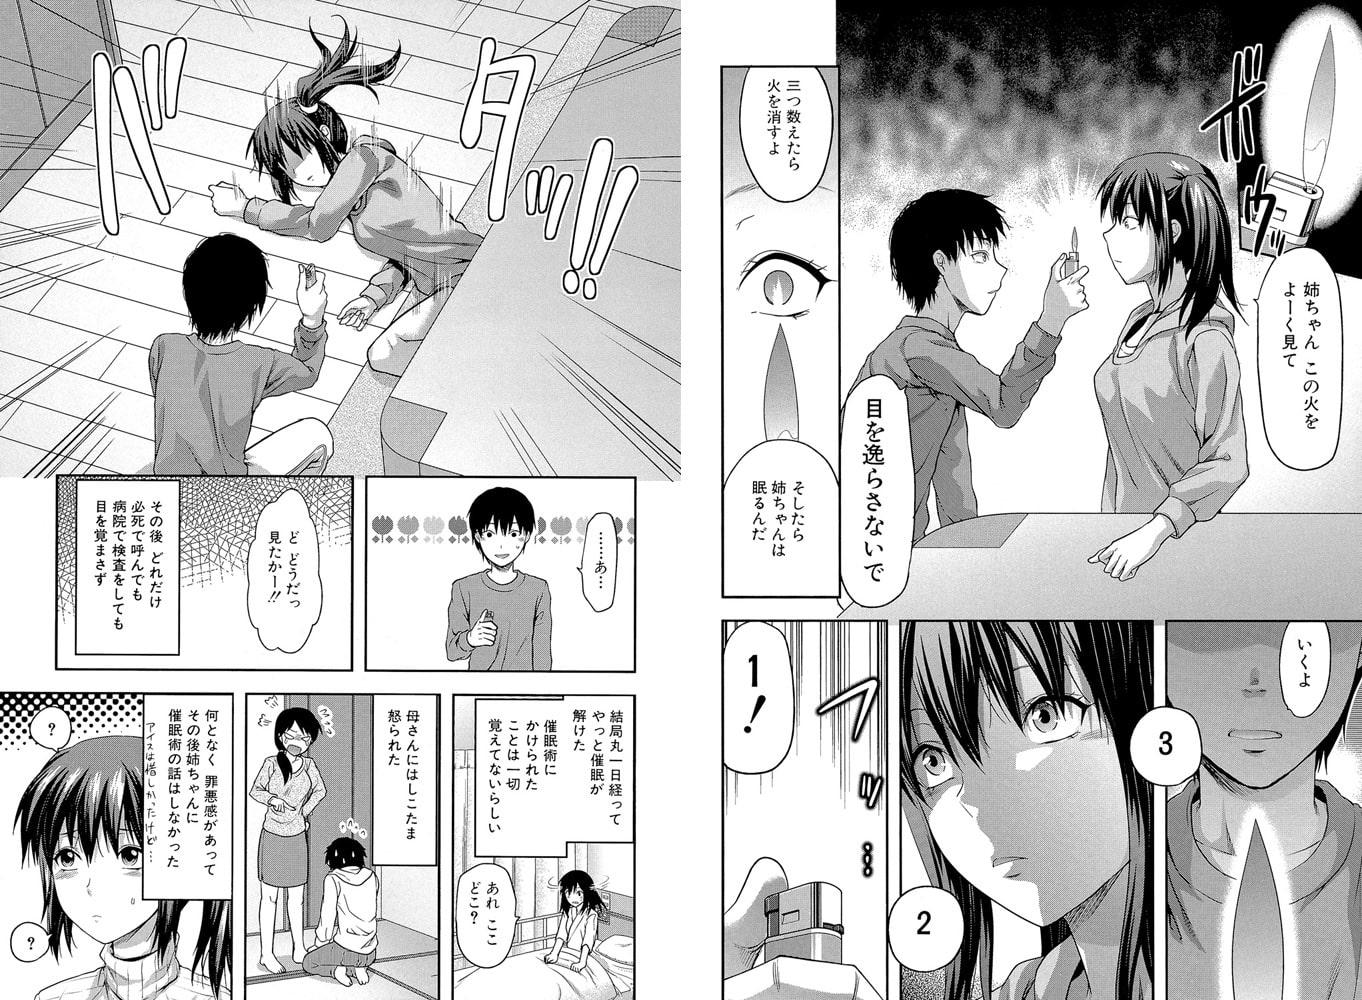 【ティーアイネット】柚木N'先生 2冊パック(202005)